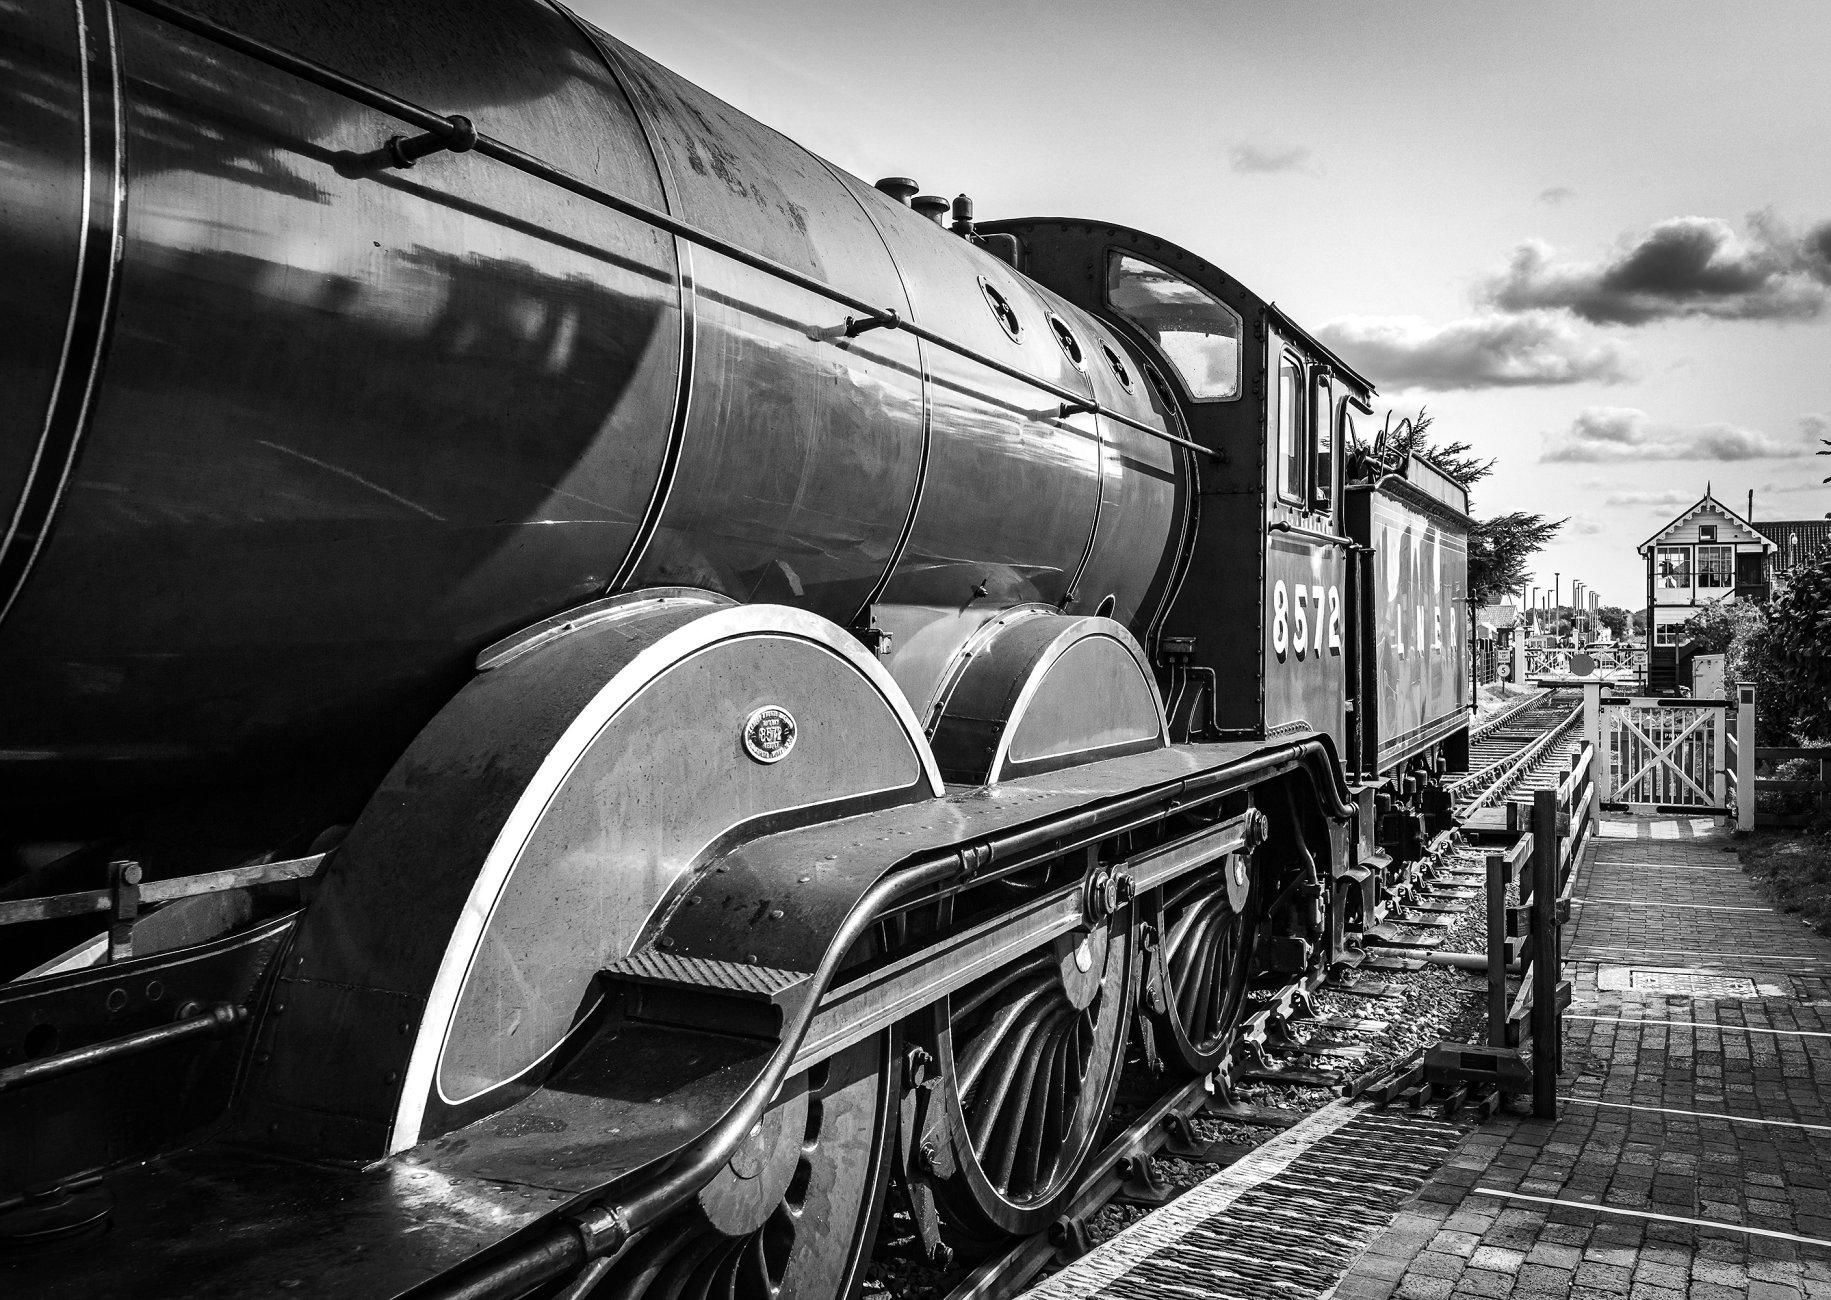 LNER locomotive number 8572 at Sheringham